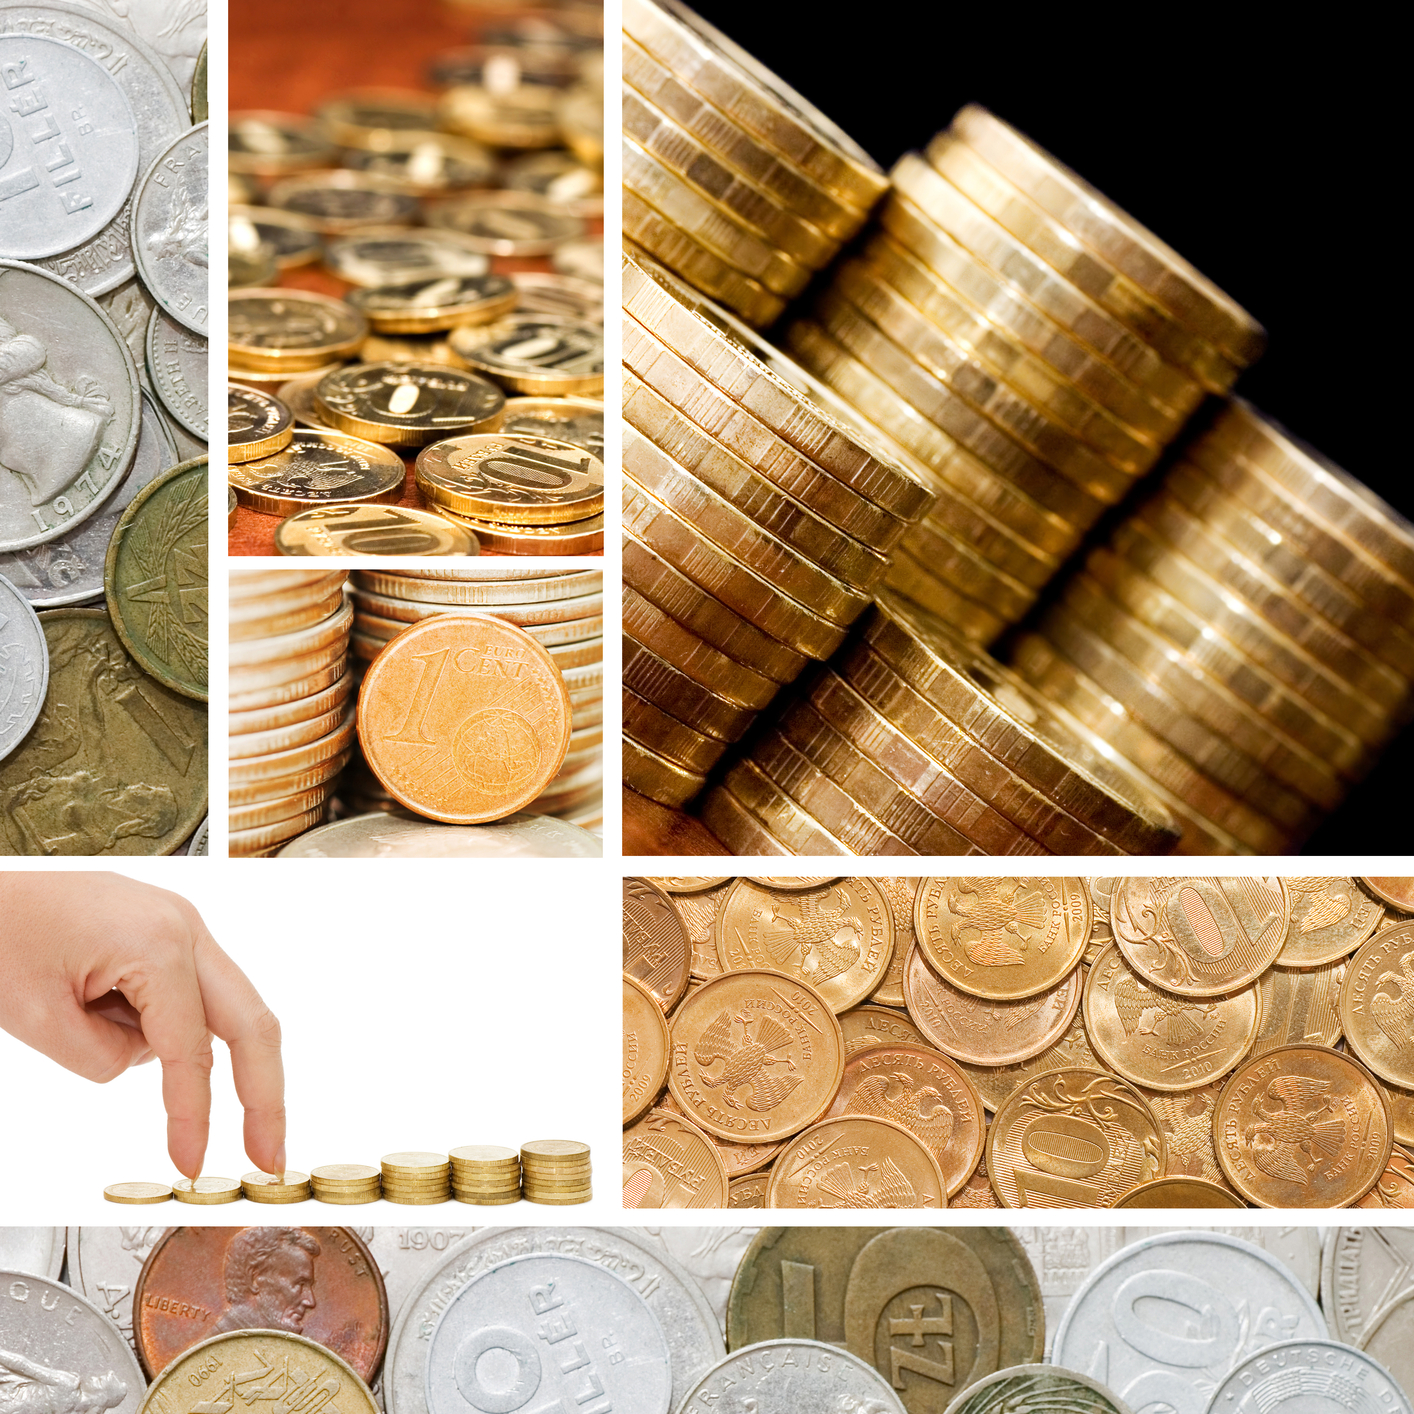 sølv og guld i mønter